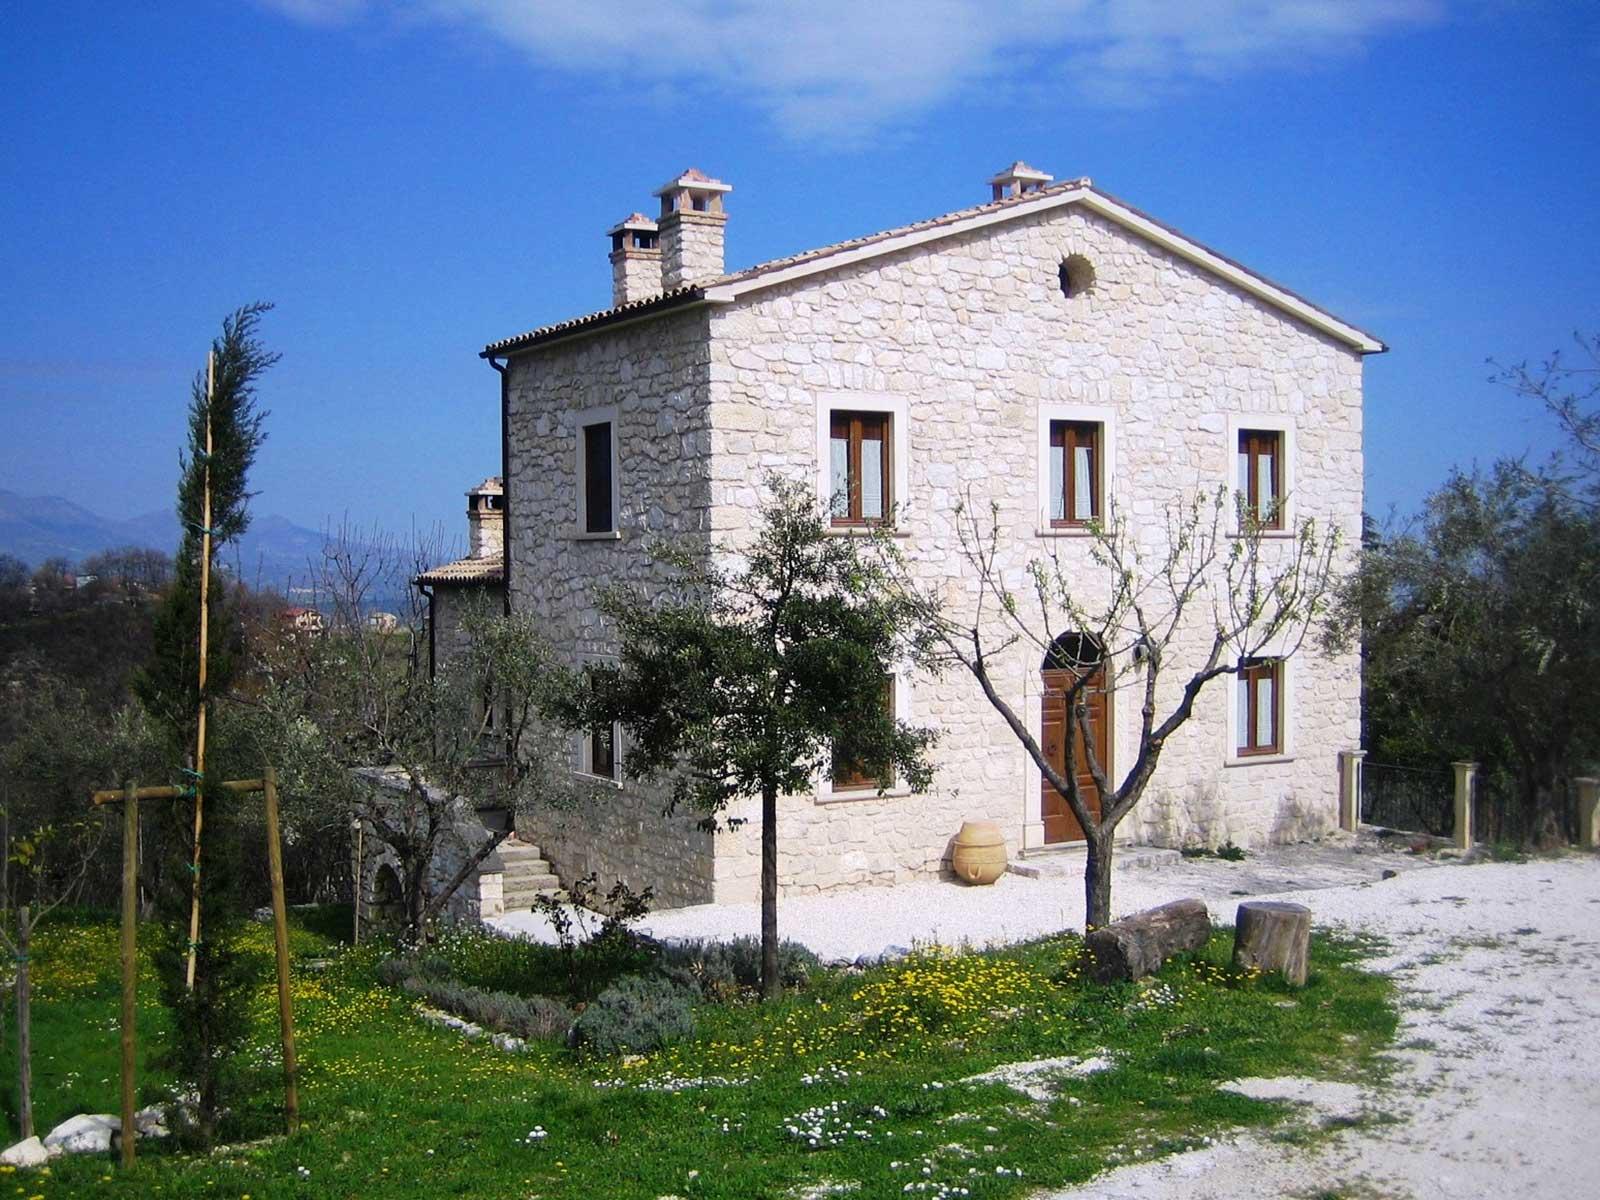 Casa di campagna Casa di campagna in vendita Abbateggio (PE), Casa Selva - Abbateggio - EUR 510.204 50